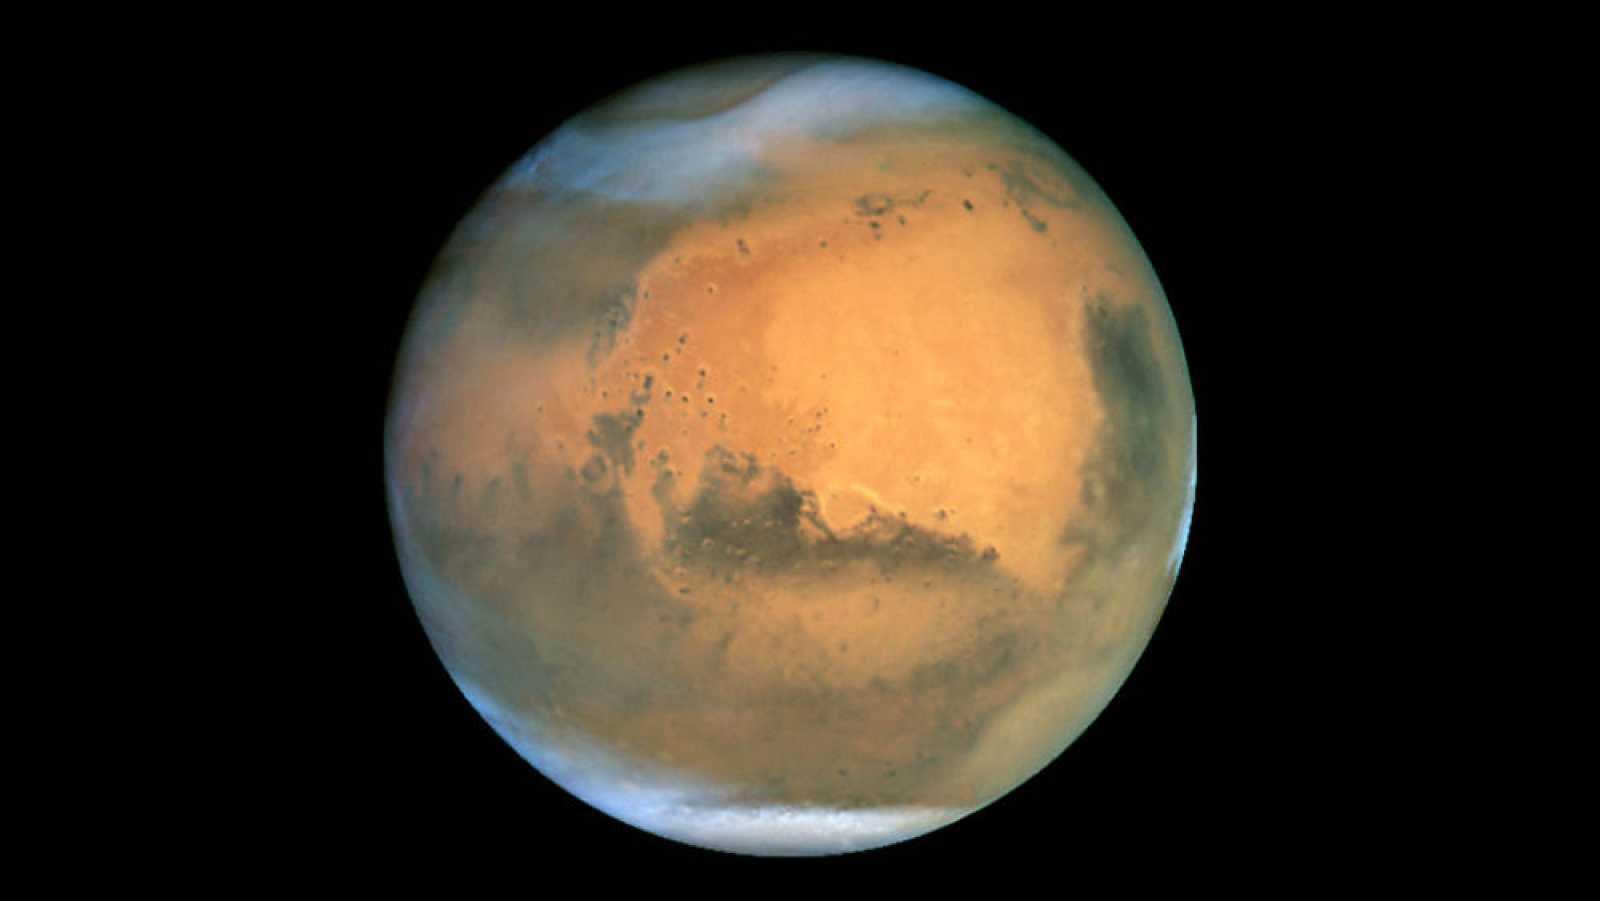 Documentos RNE - Marte, un mito convertido en reto - 28/07/15 - escuchar ahora